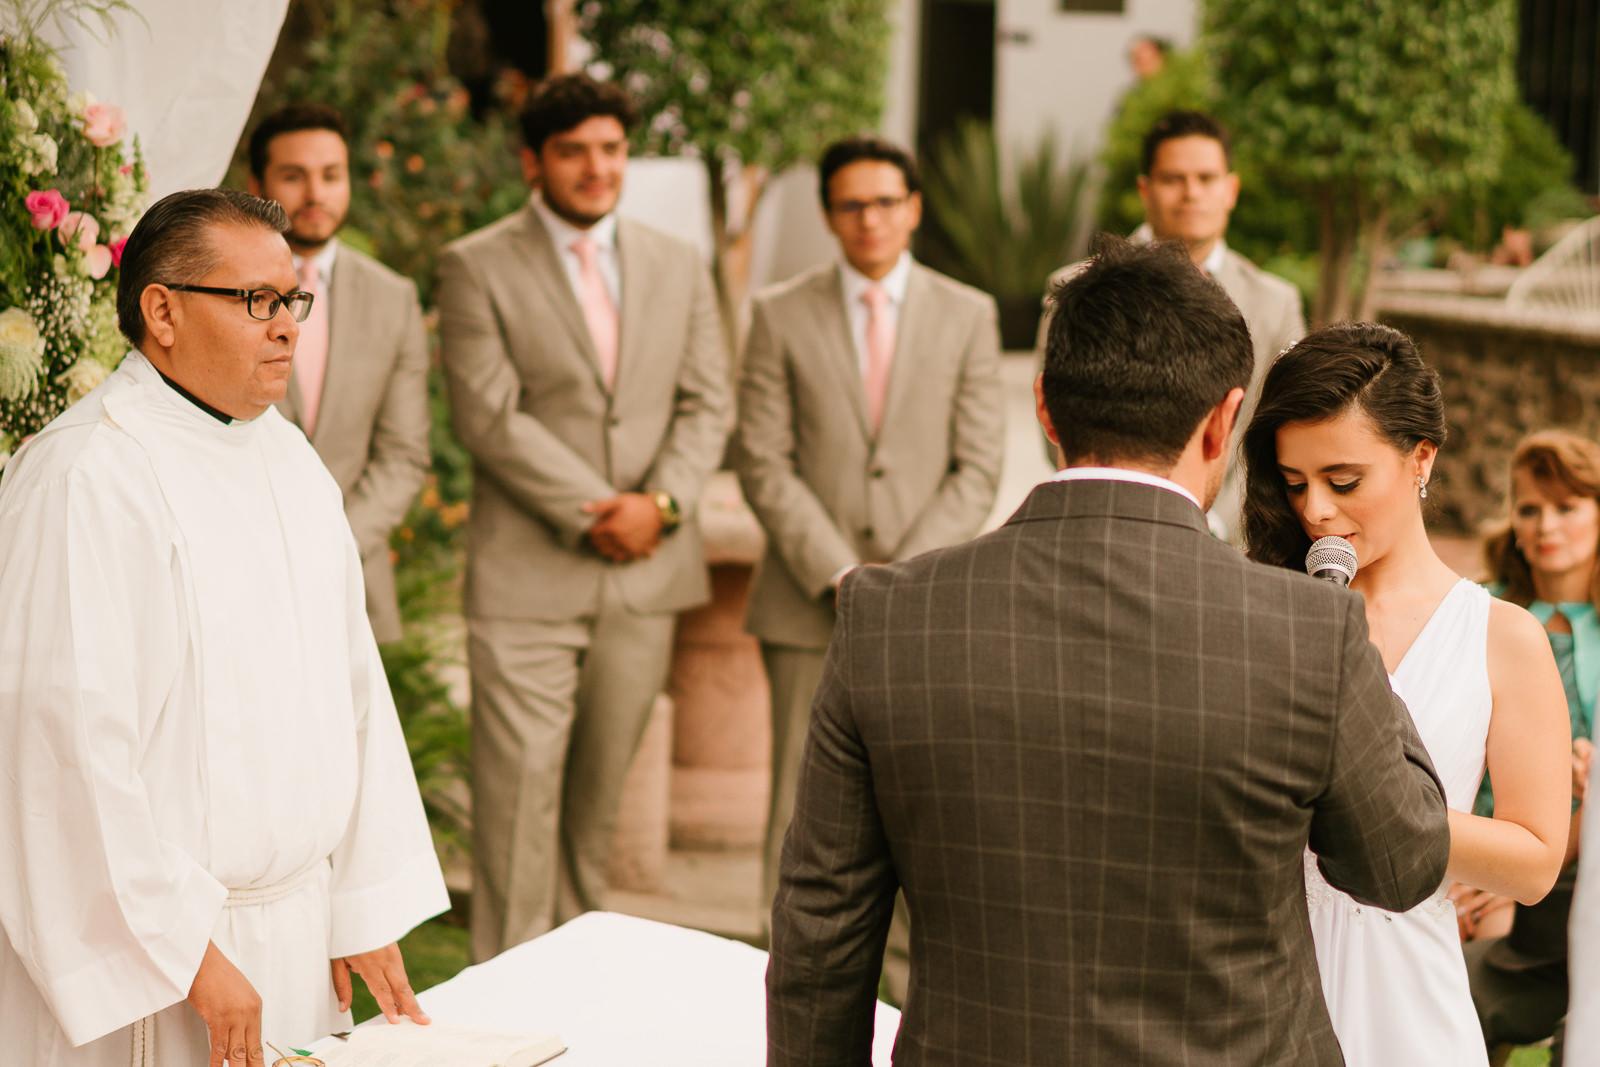 fotografo_de_bodas_mexico_cuernavaca_puebla_sergio_quezada_cdmx_h+l_74